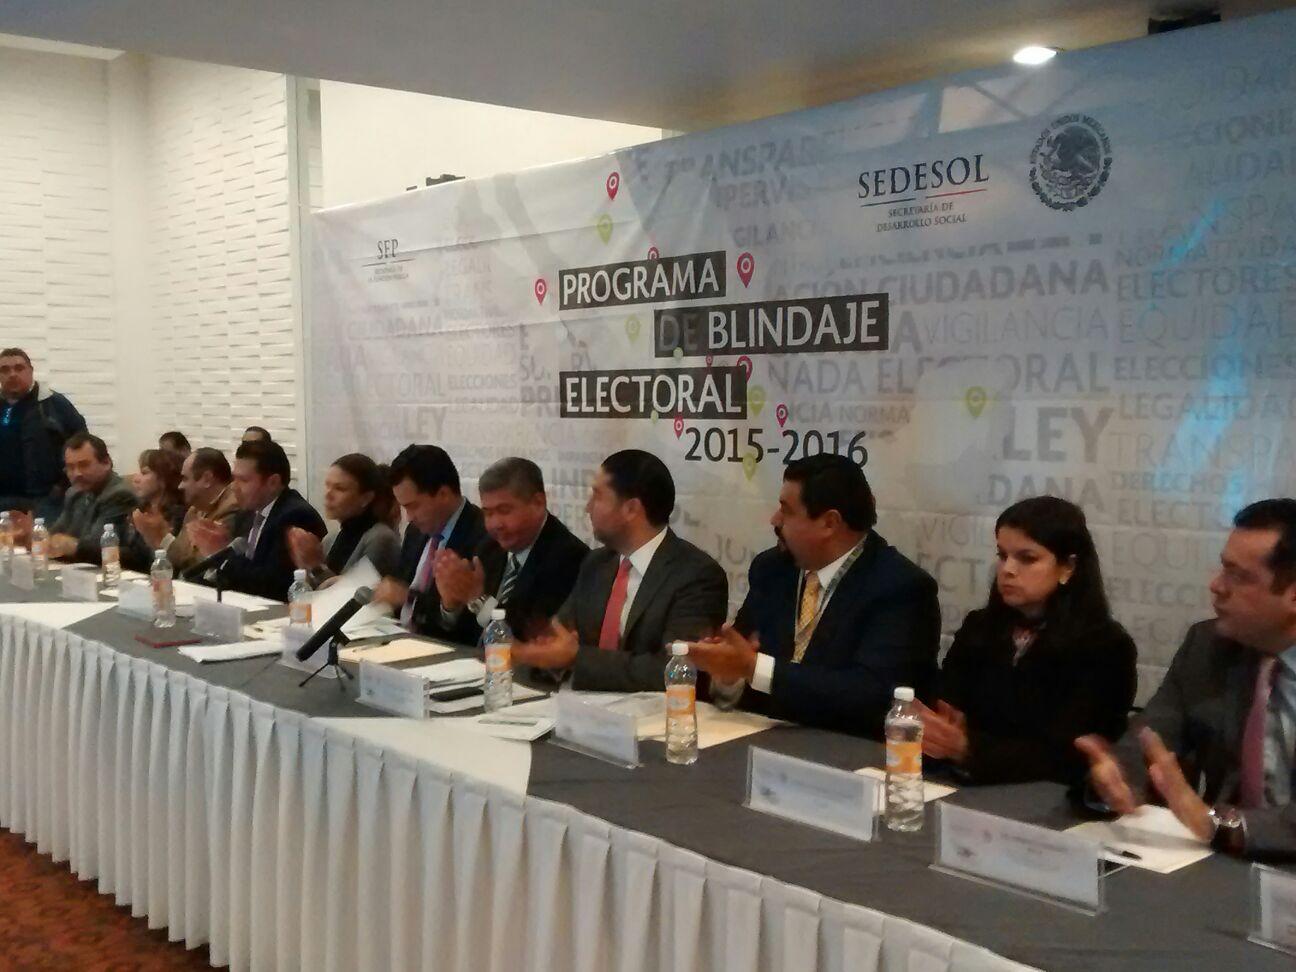 FEPADE y SEDESOL inician trabajos de blindaje electoral en Hidalgo